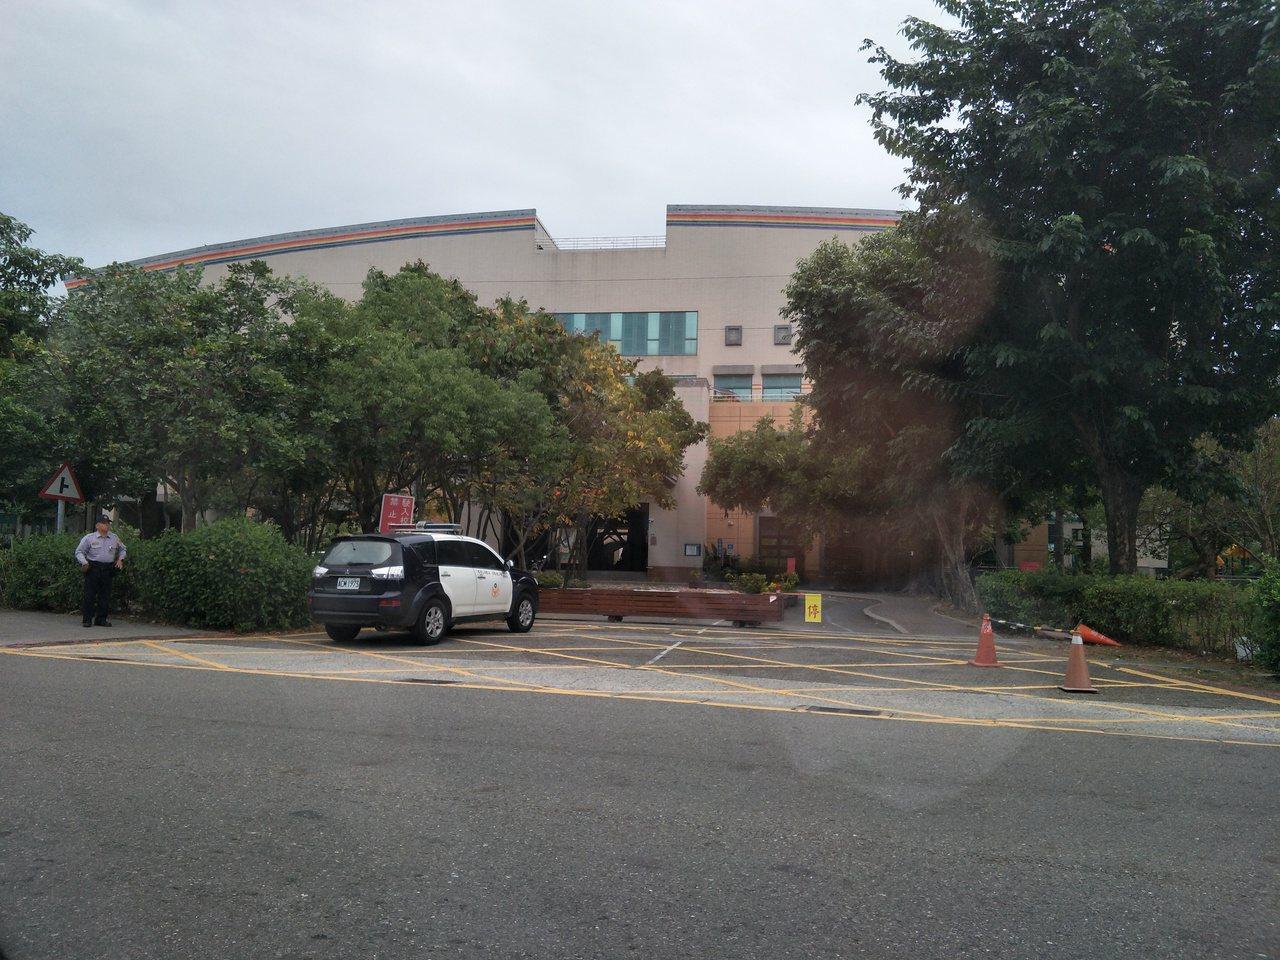 傳出女童遭外人闖入割傷,南科保警持續在校門口巡邏因應。記者謝進盛/攝影